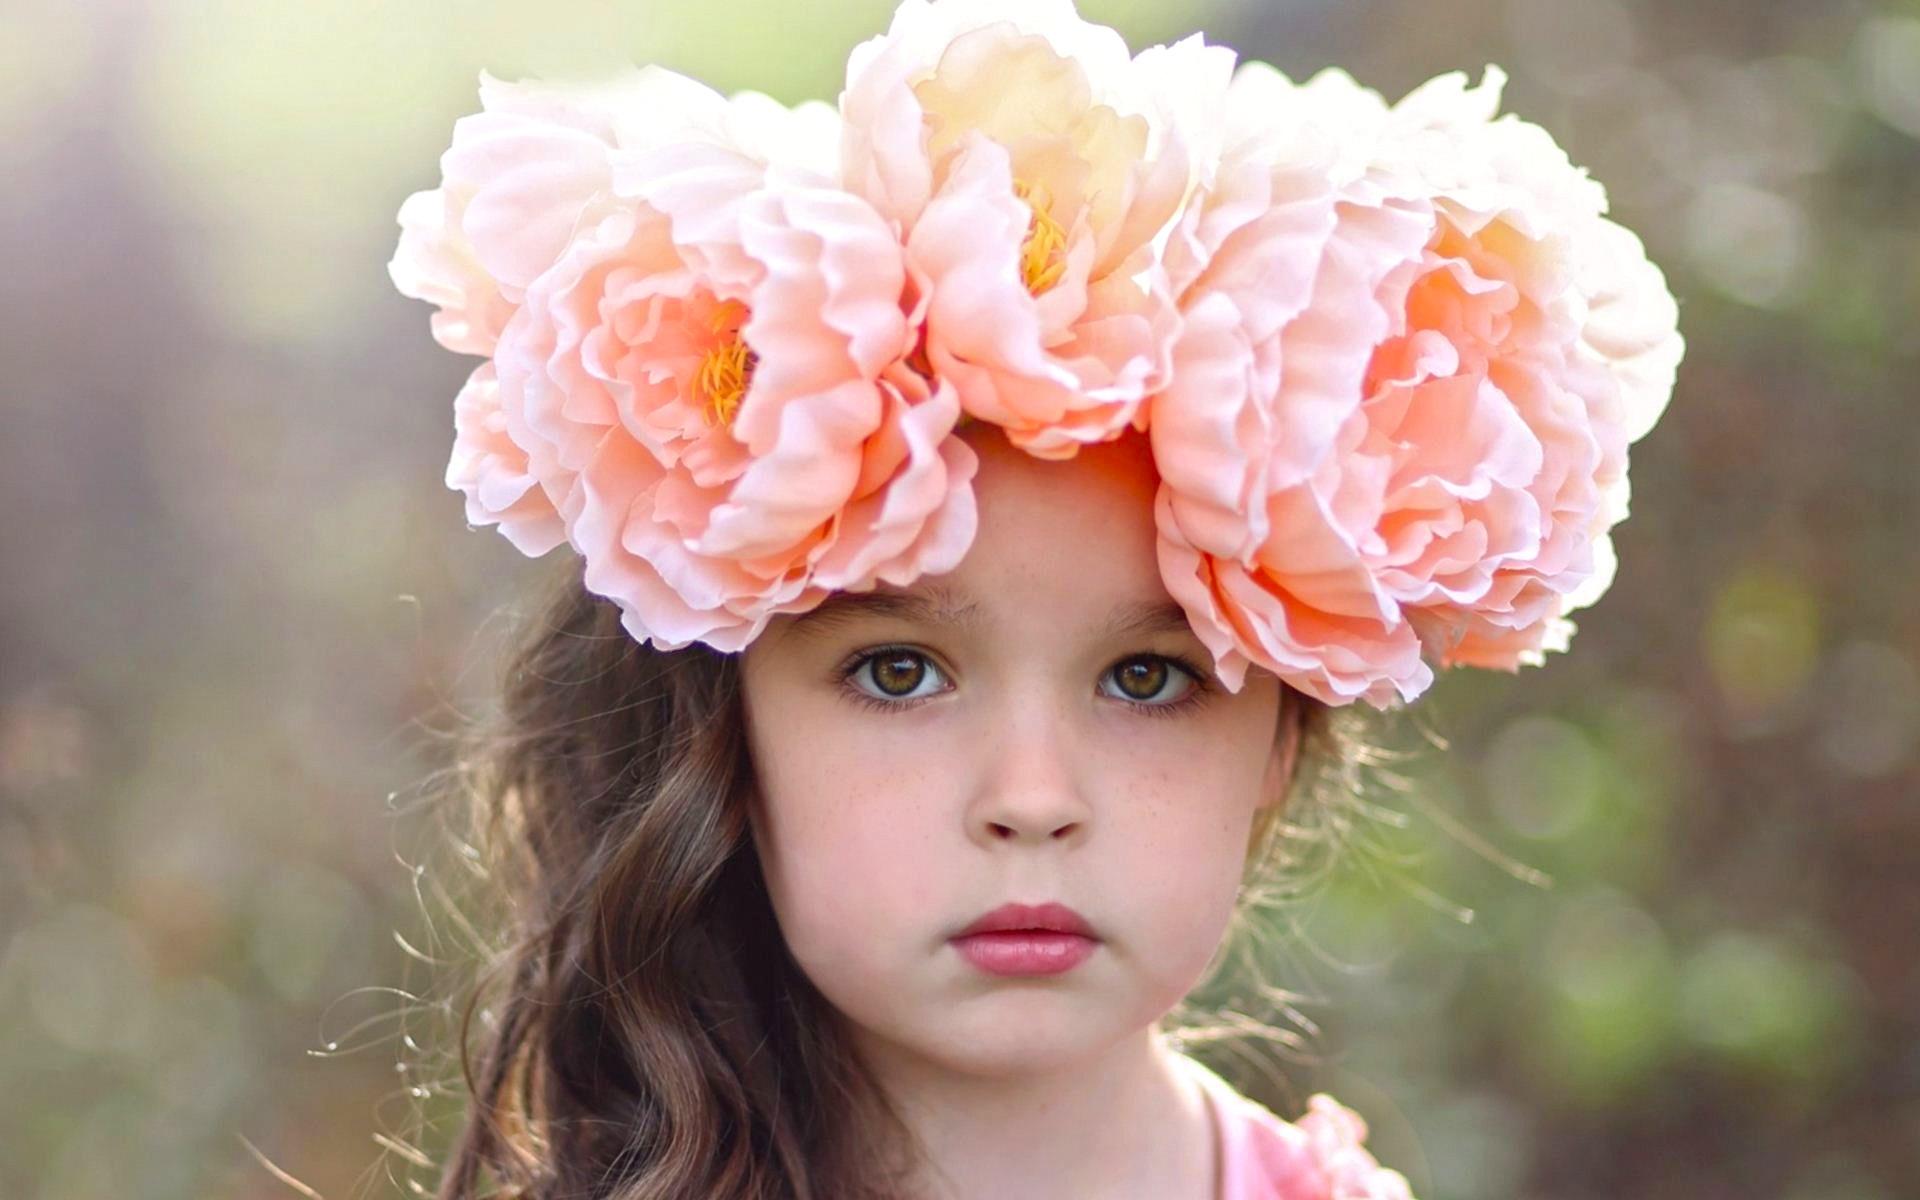 Hình ảnh em bé đáng yêu